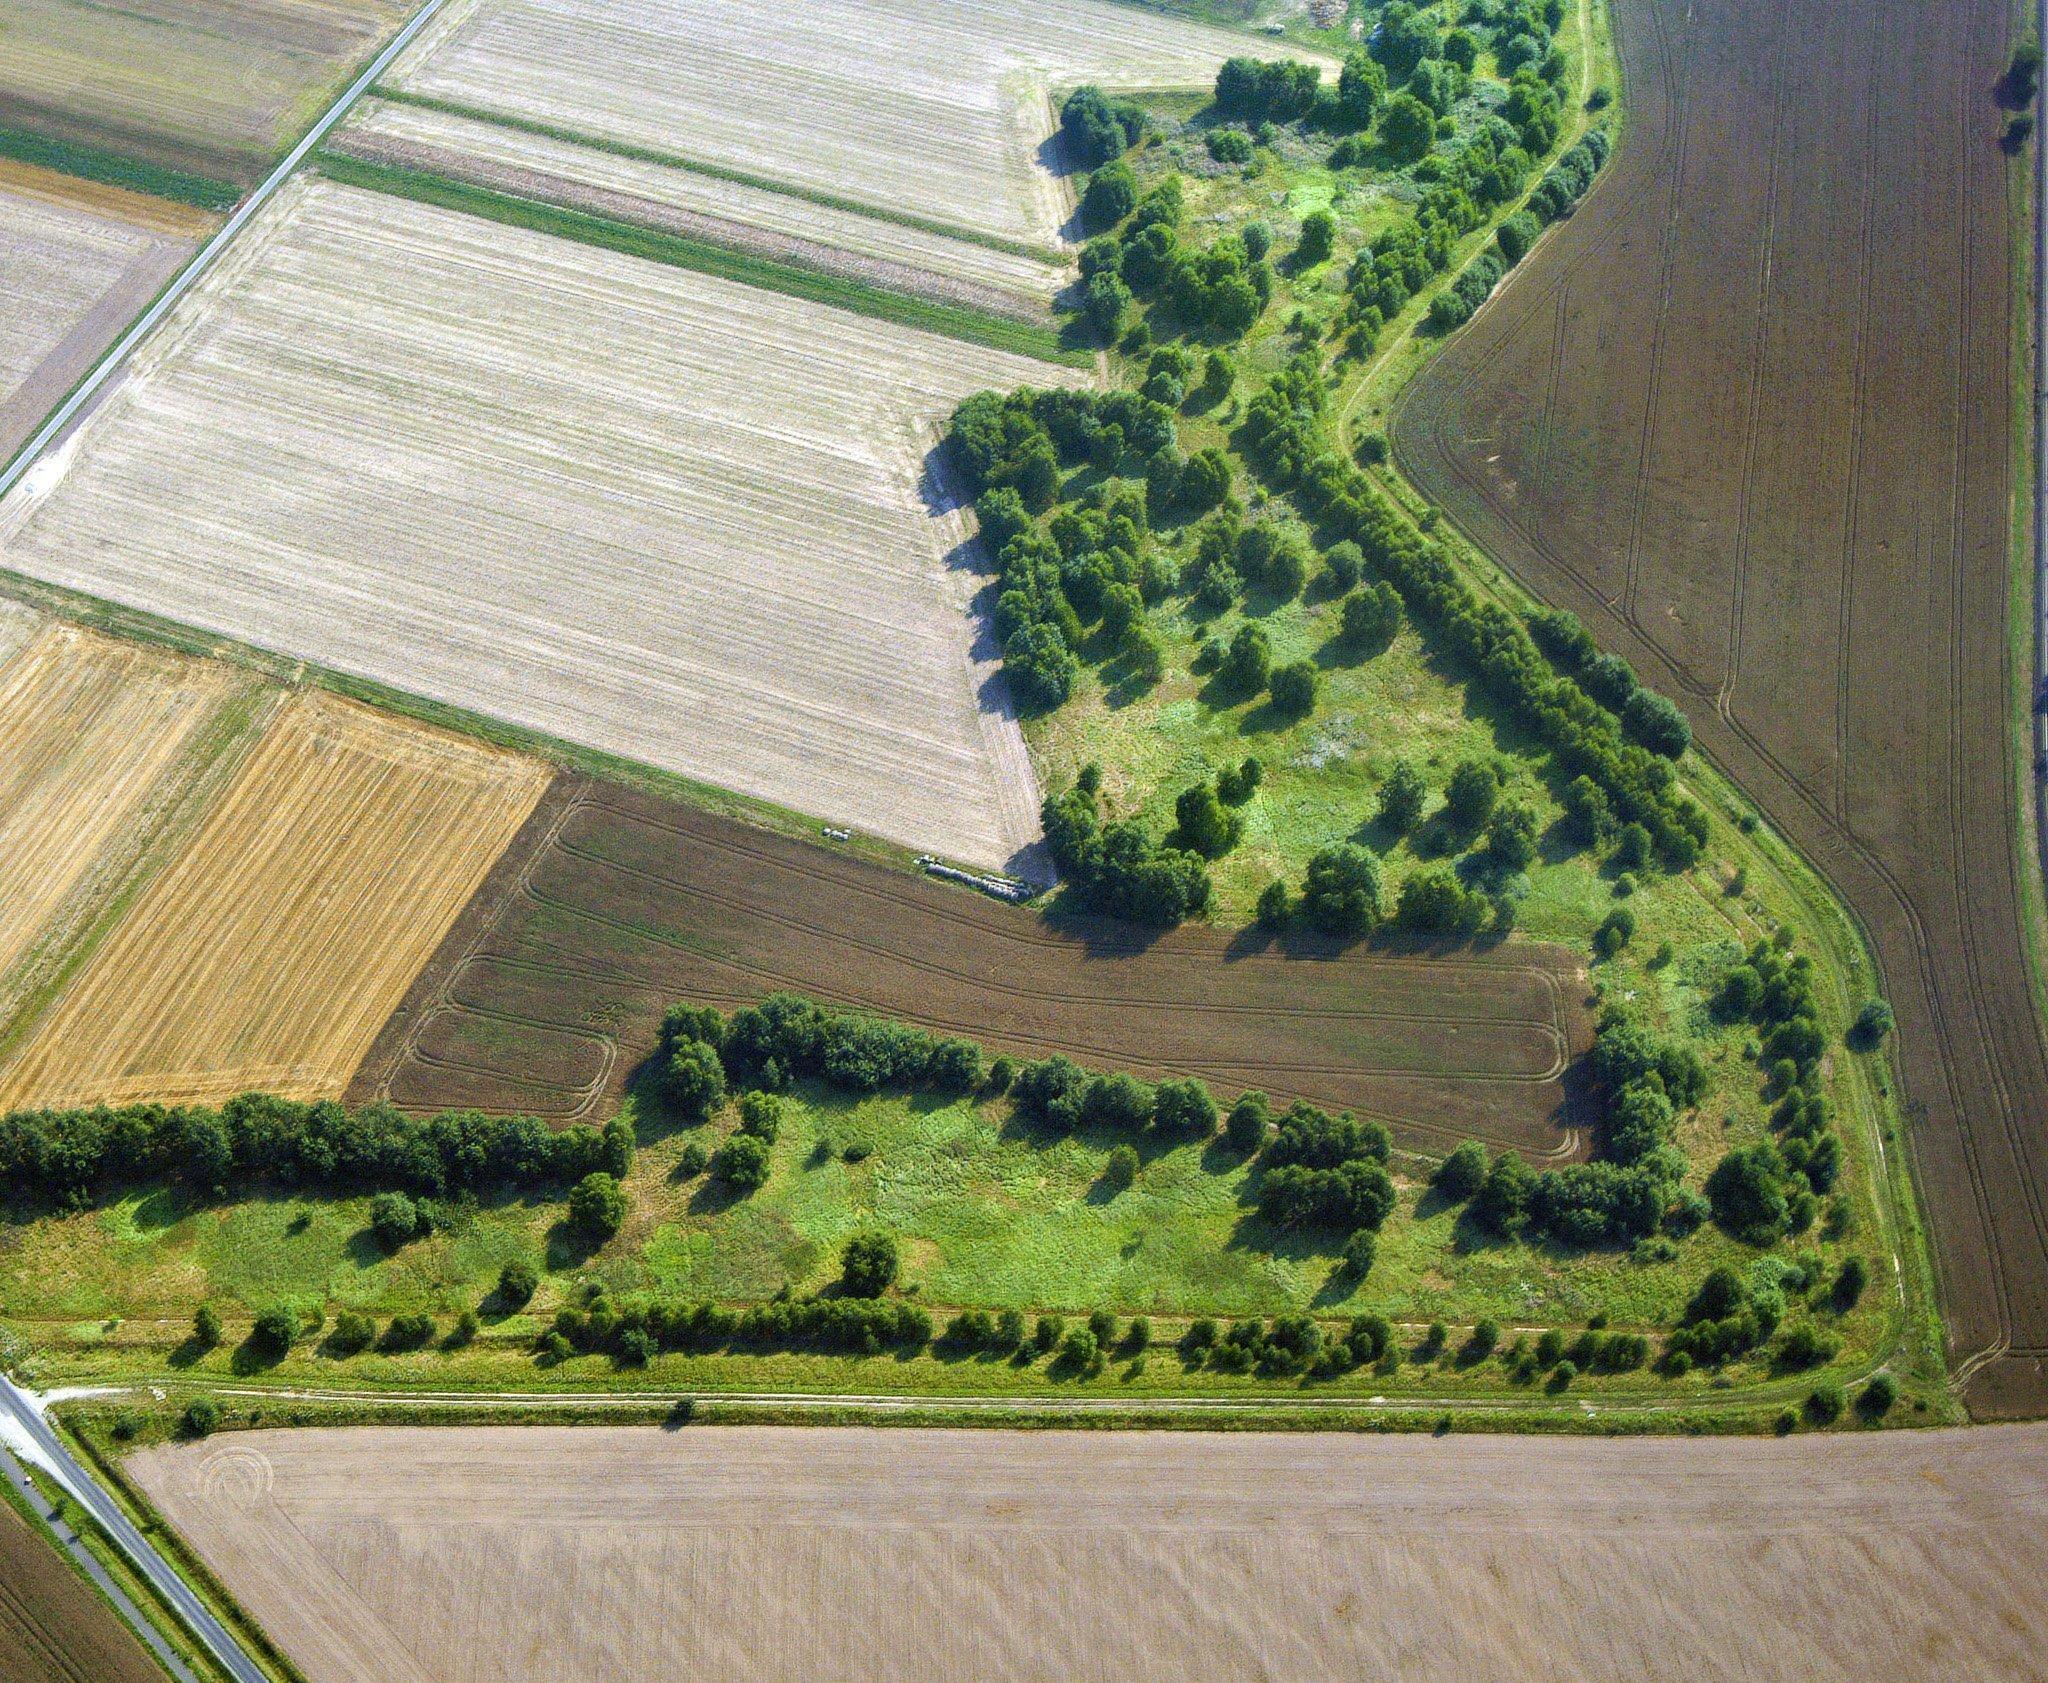 Zwischen Äckern zieht sich im Zickzack das Grüne Band durch die Landschaft. Blick aus der Luft.